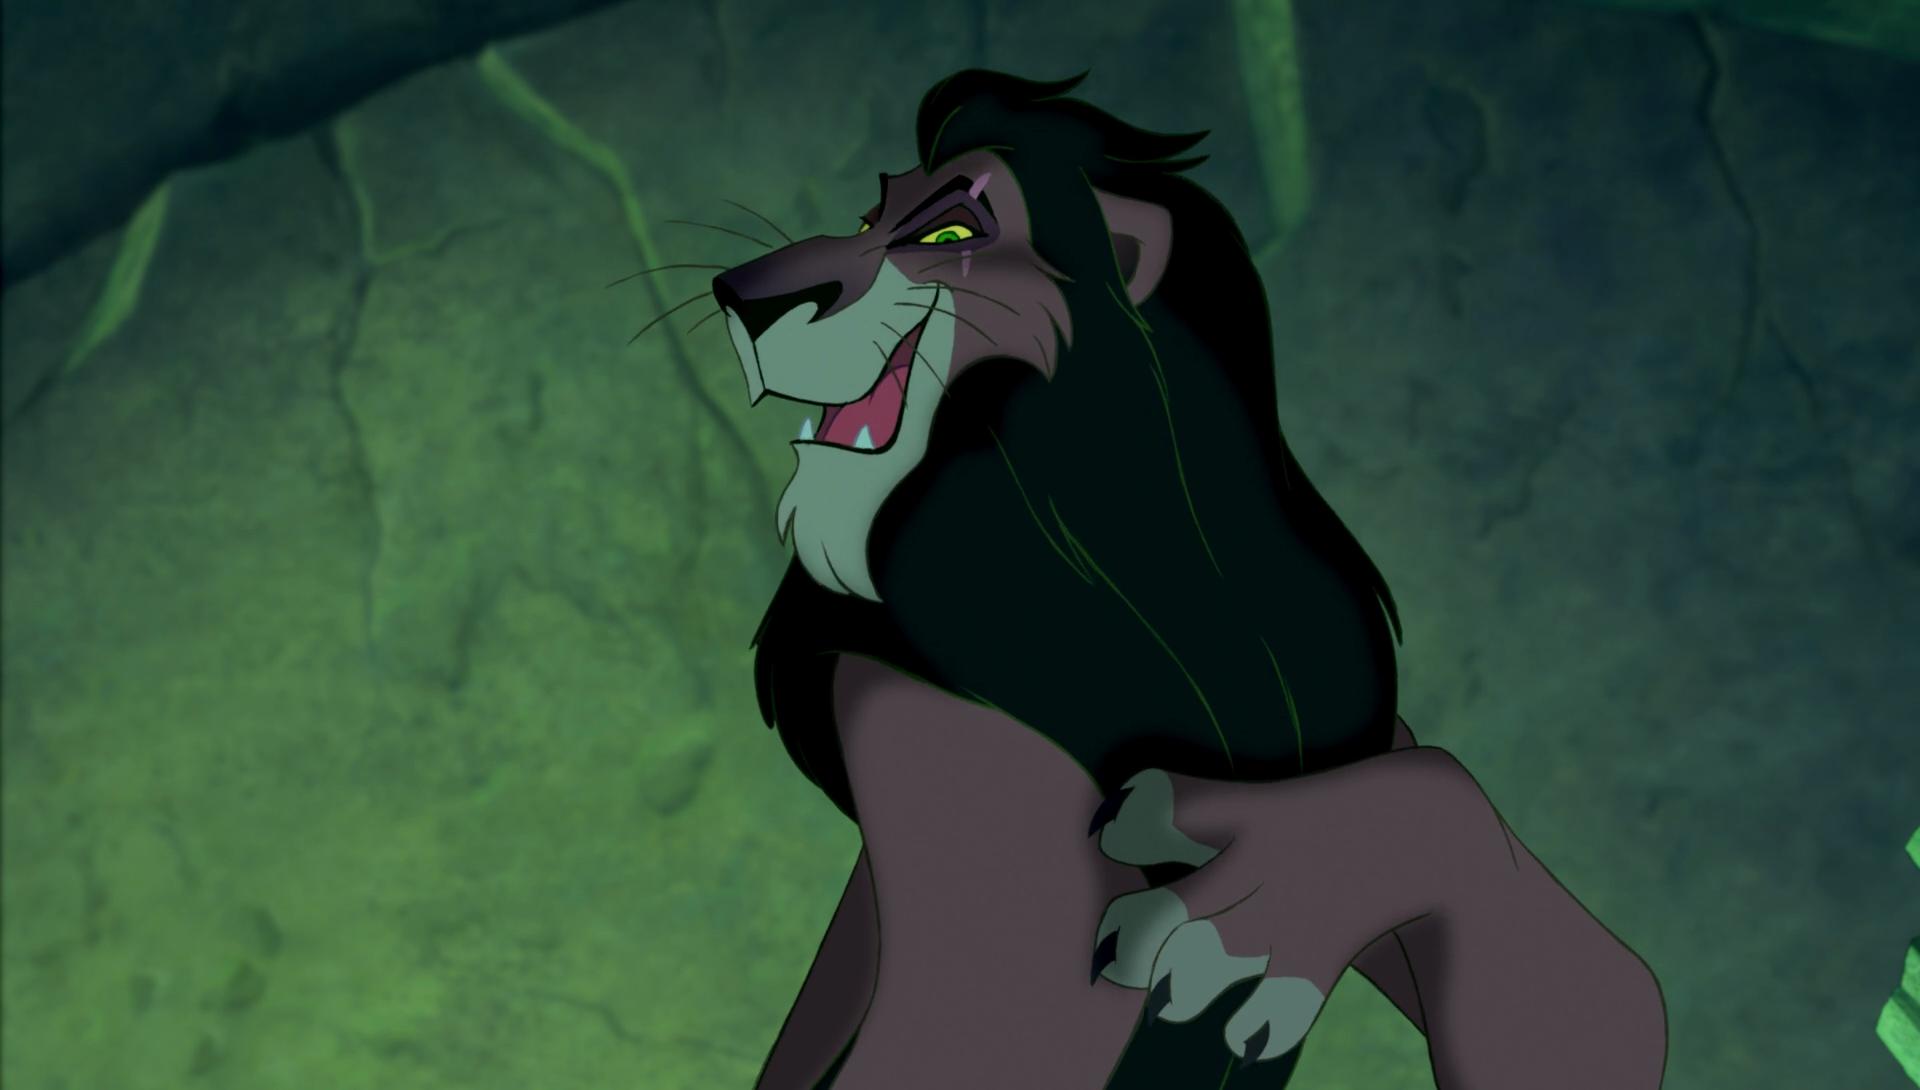 Risultati immagini per scar re leone